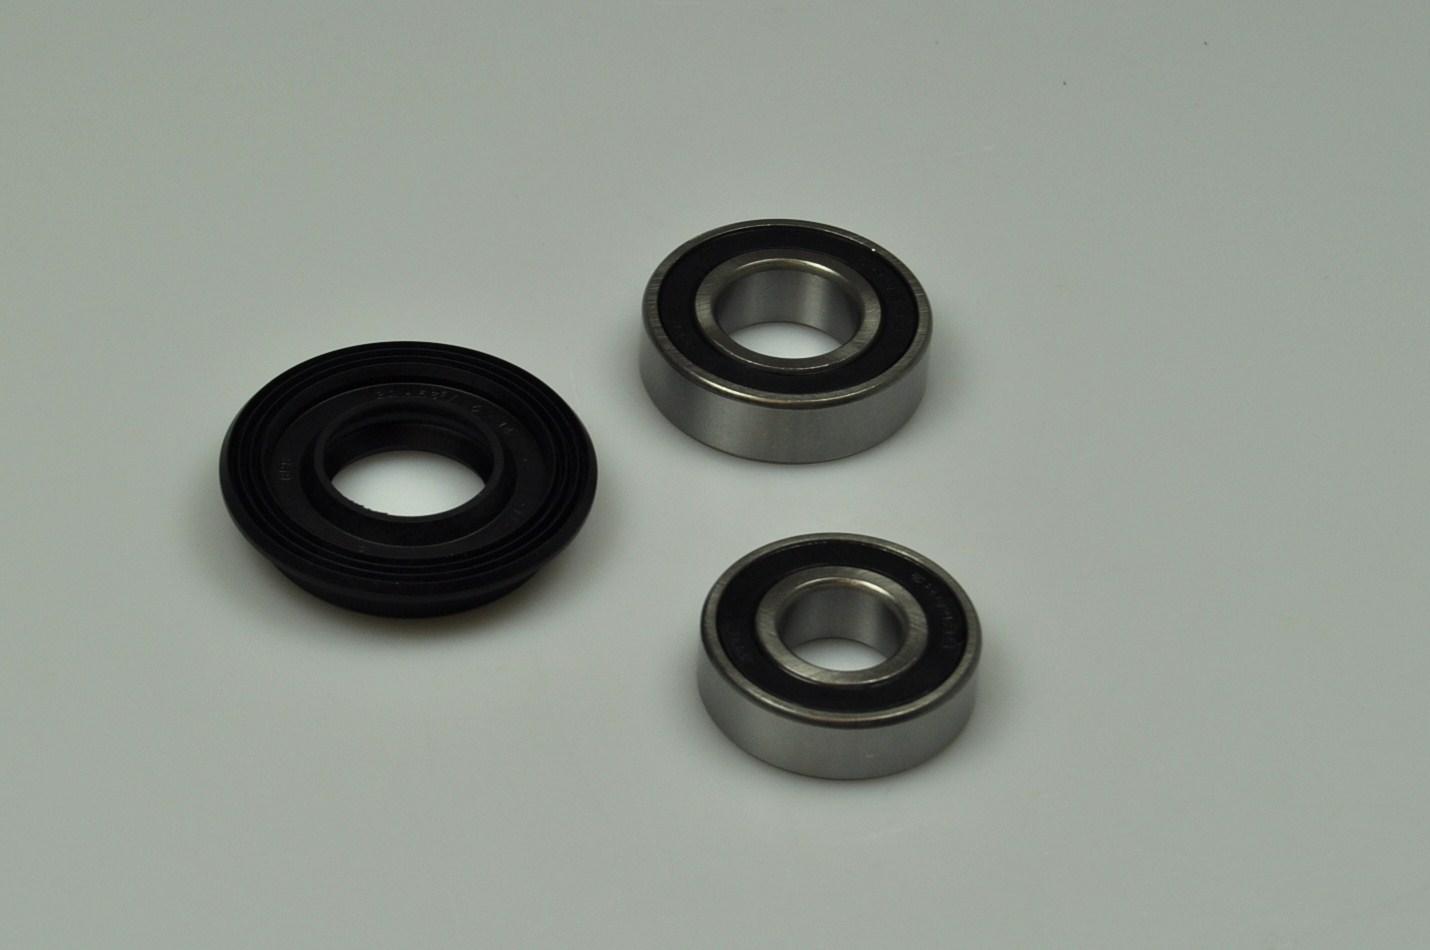 Bearing kit atlas washing machine for Washing machine motor bearings